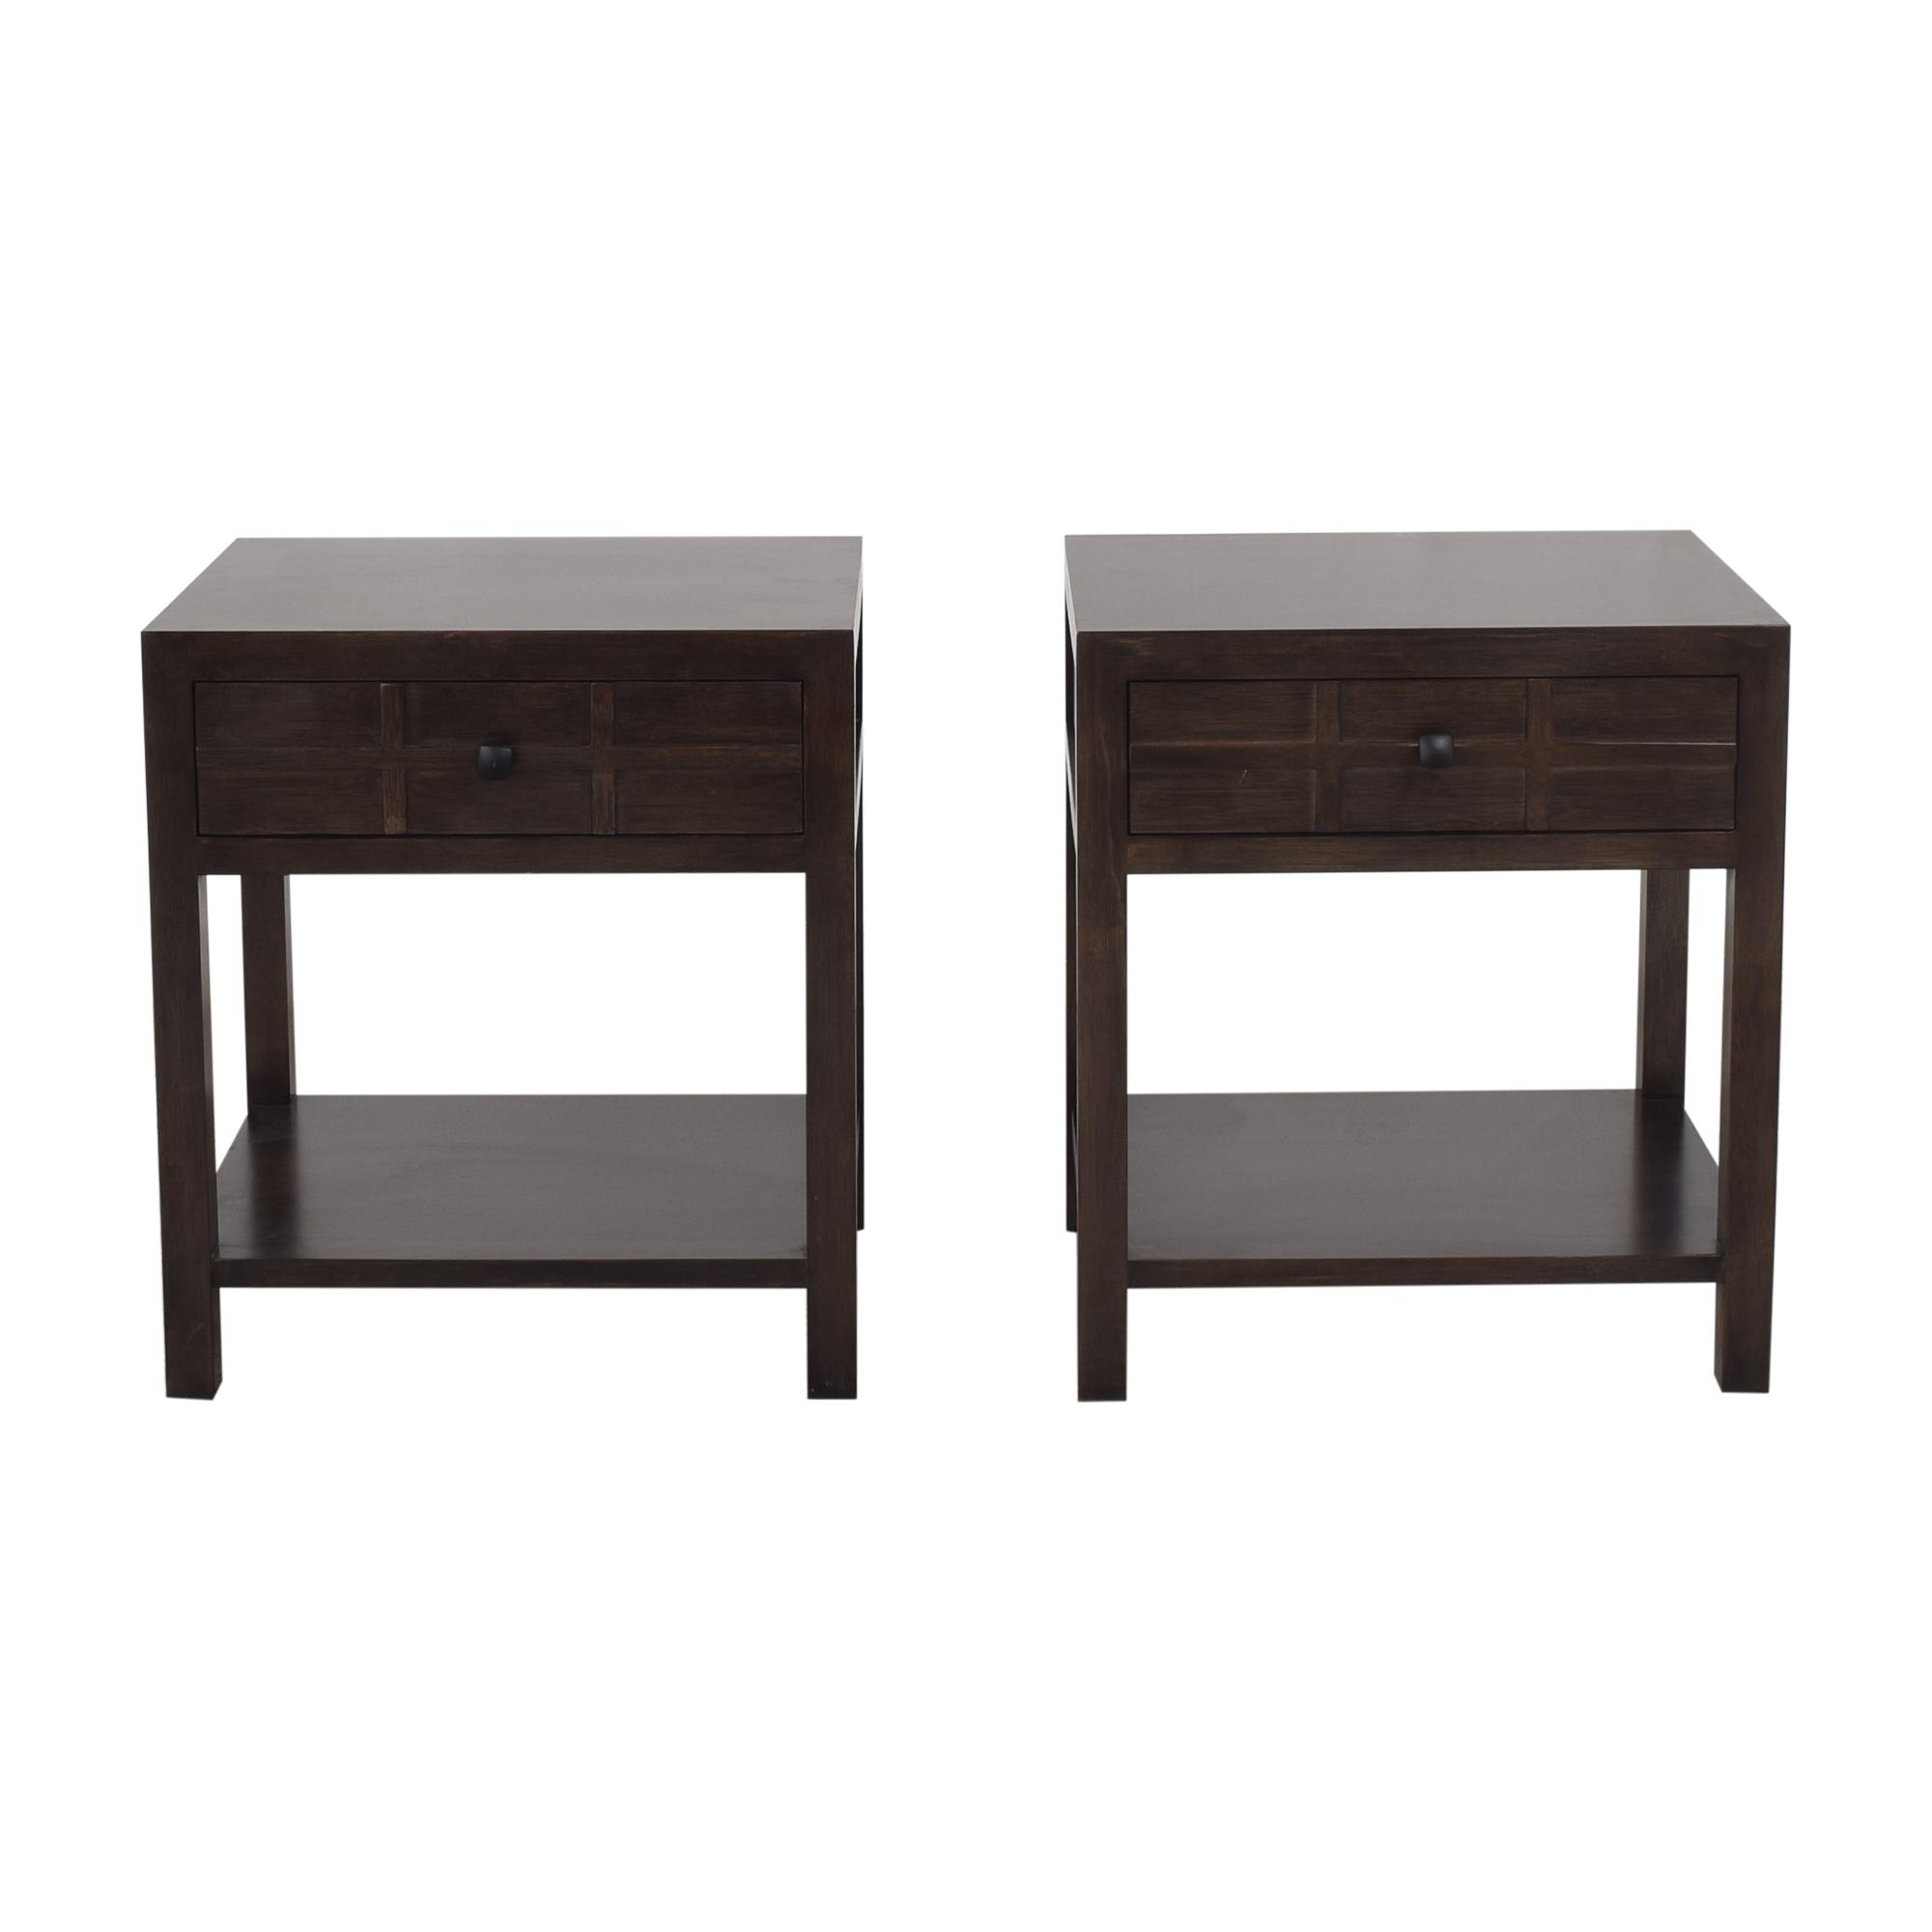 shop Maria Yee for Crate & Barrel Bento Kona Nightstands Crate & Barrel